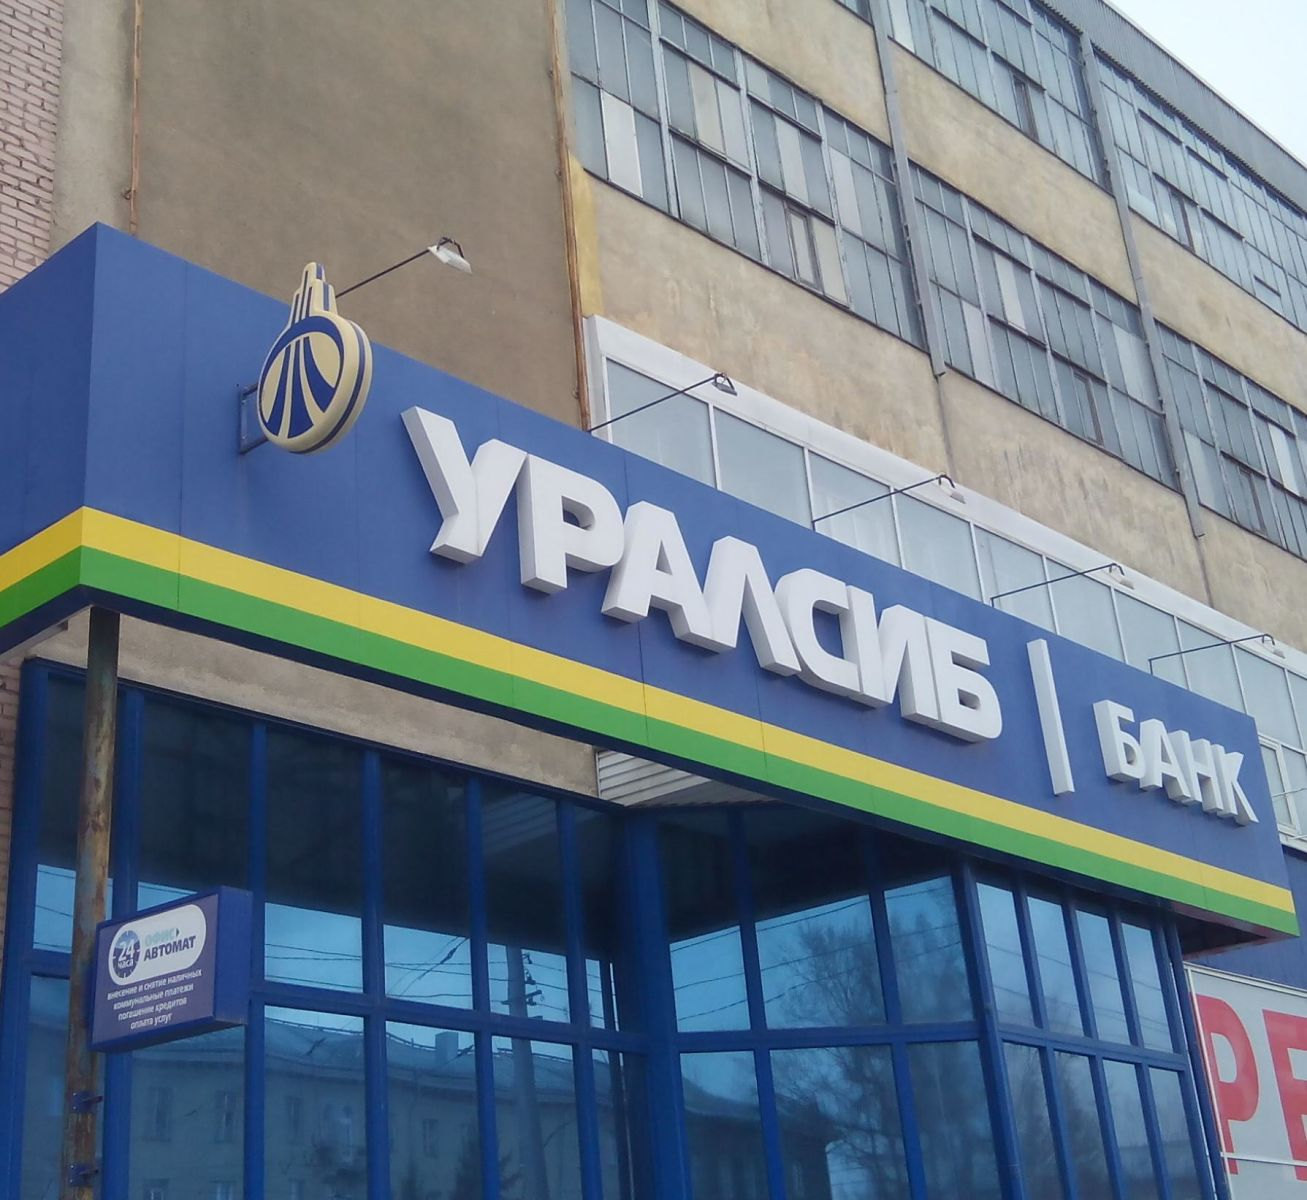 УРАЛСИБ запустил сервис бесплатной доставки в офис для бизнес-клиентов